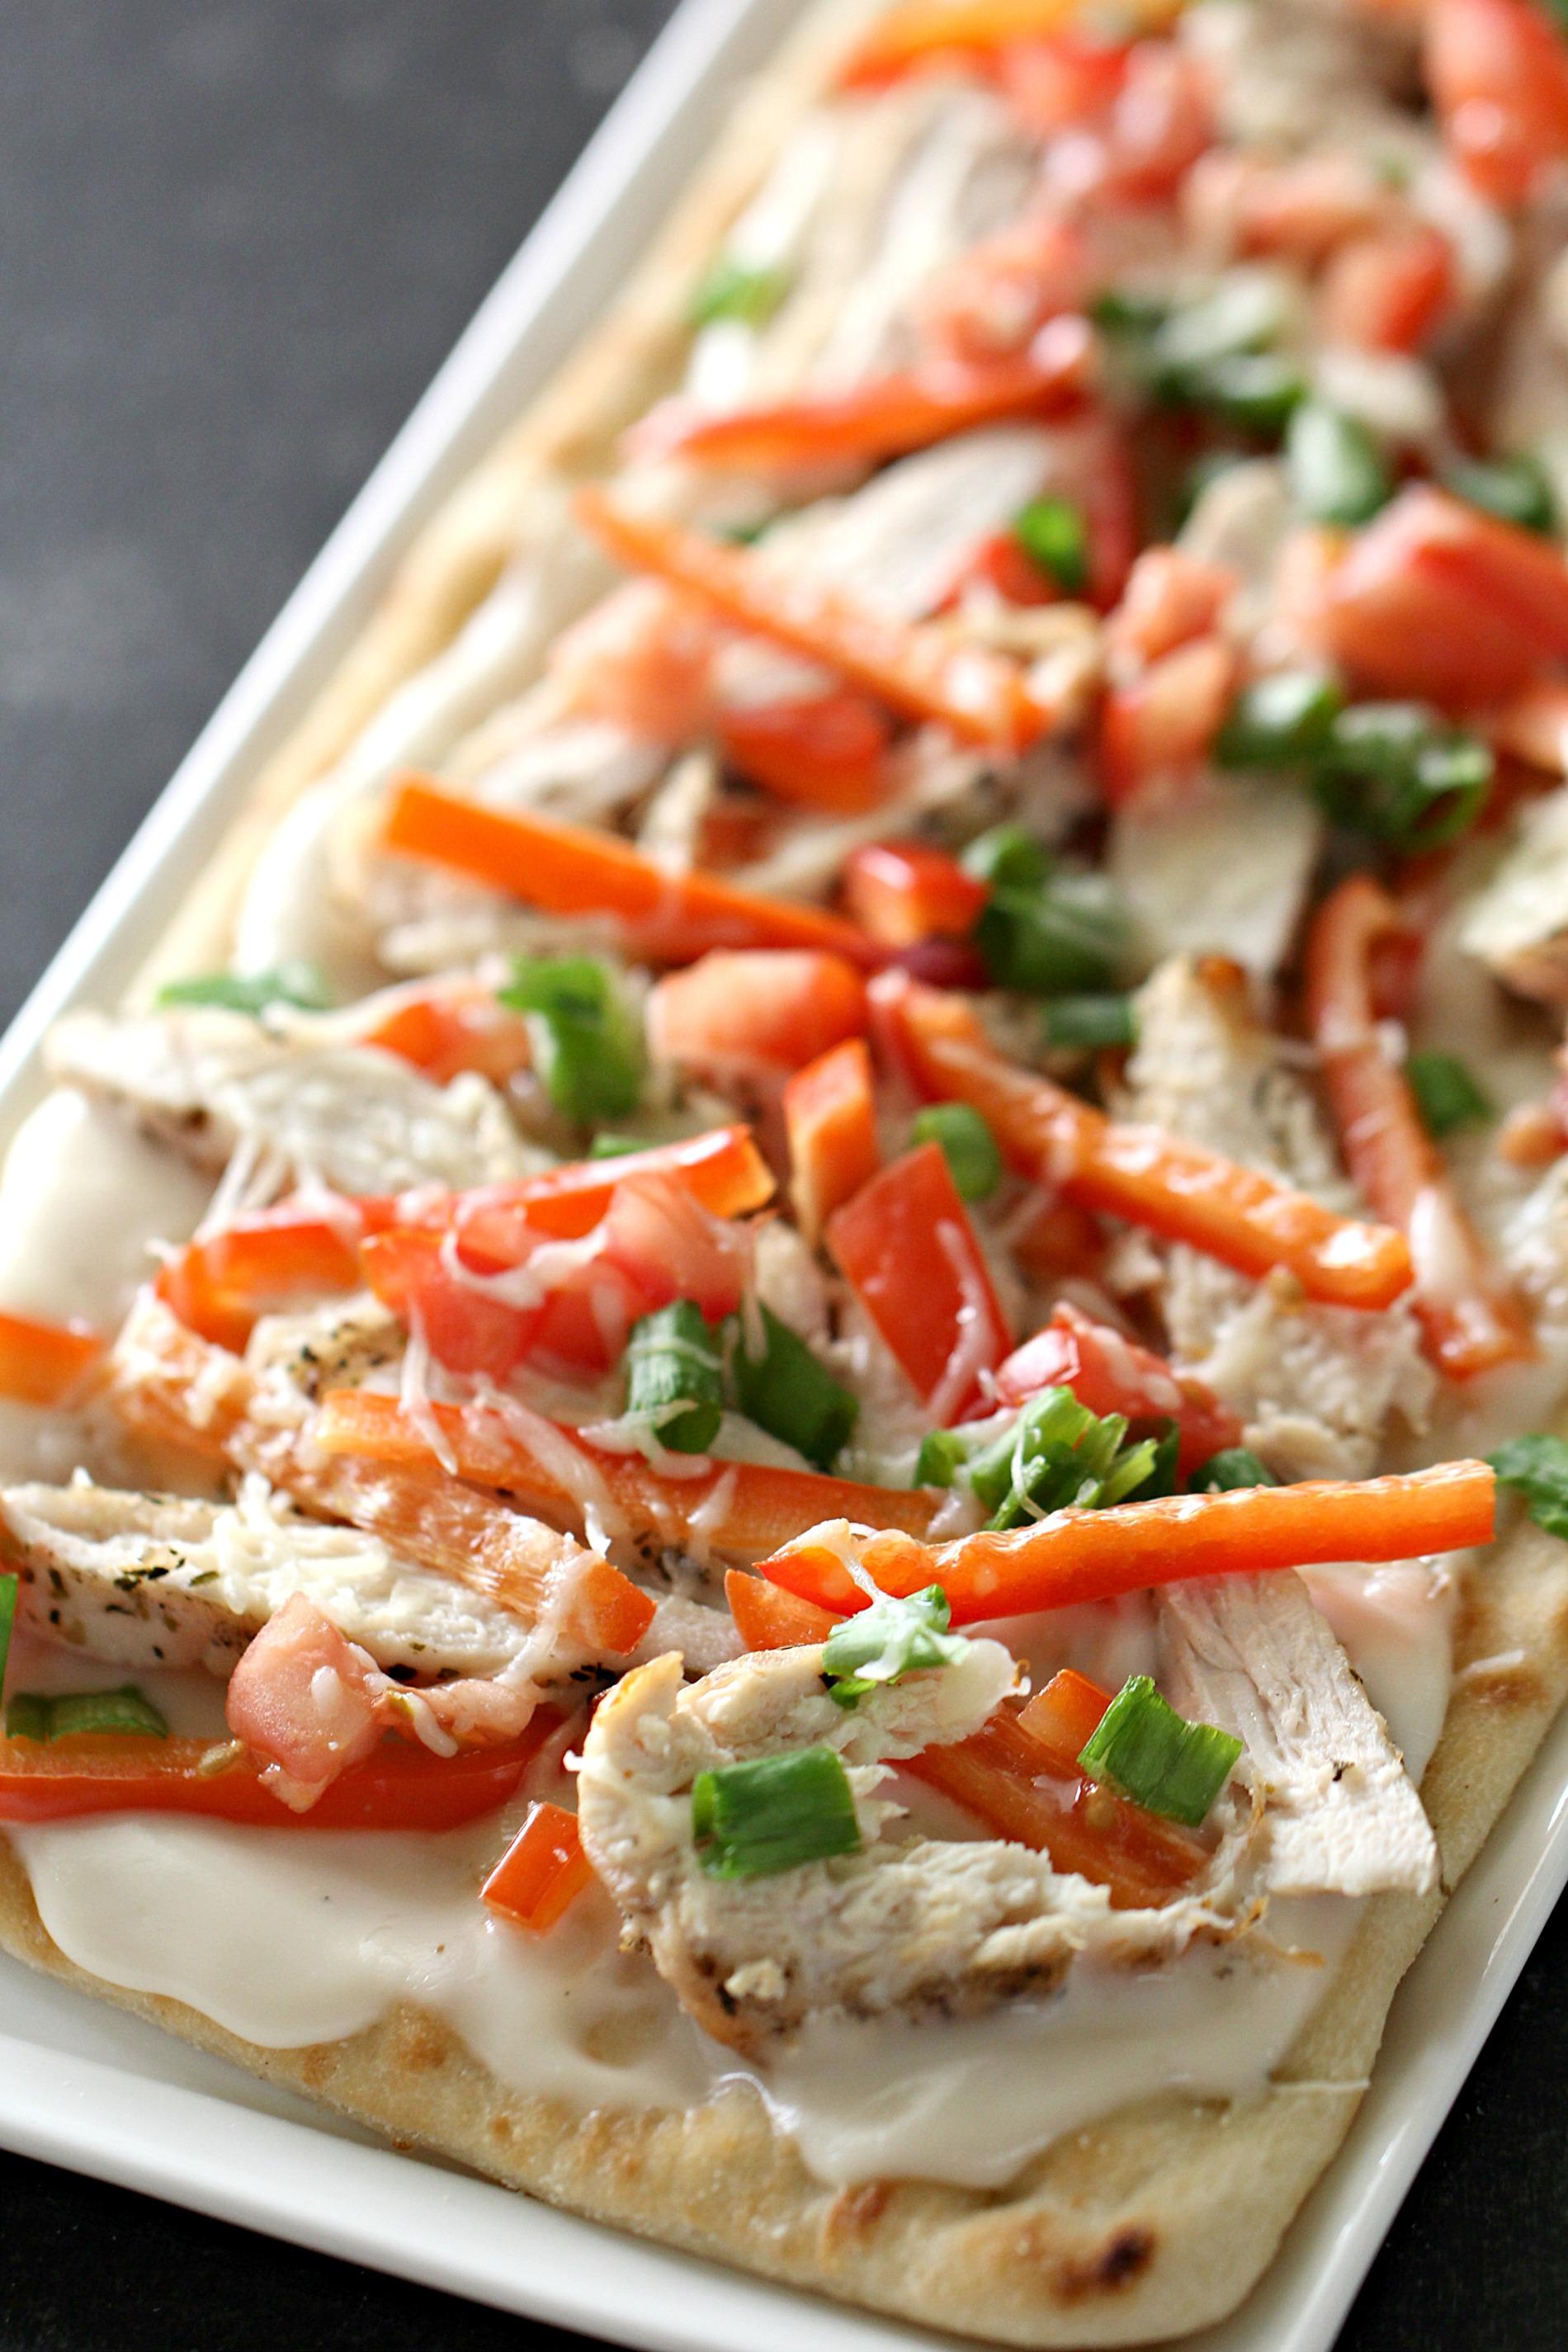 Olive Garden {Copycat} Grilled Chicken Flatbread Pizza